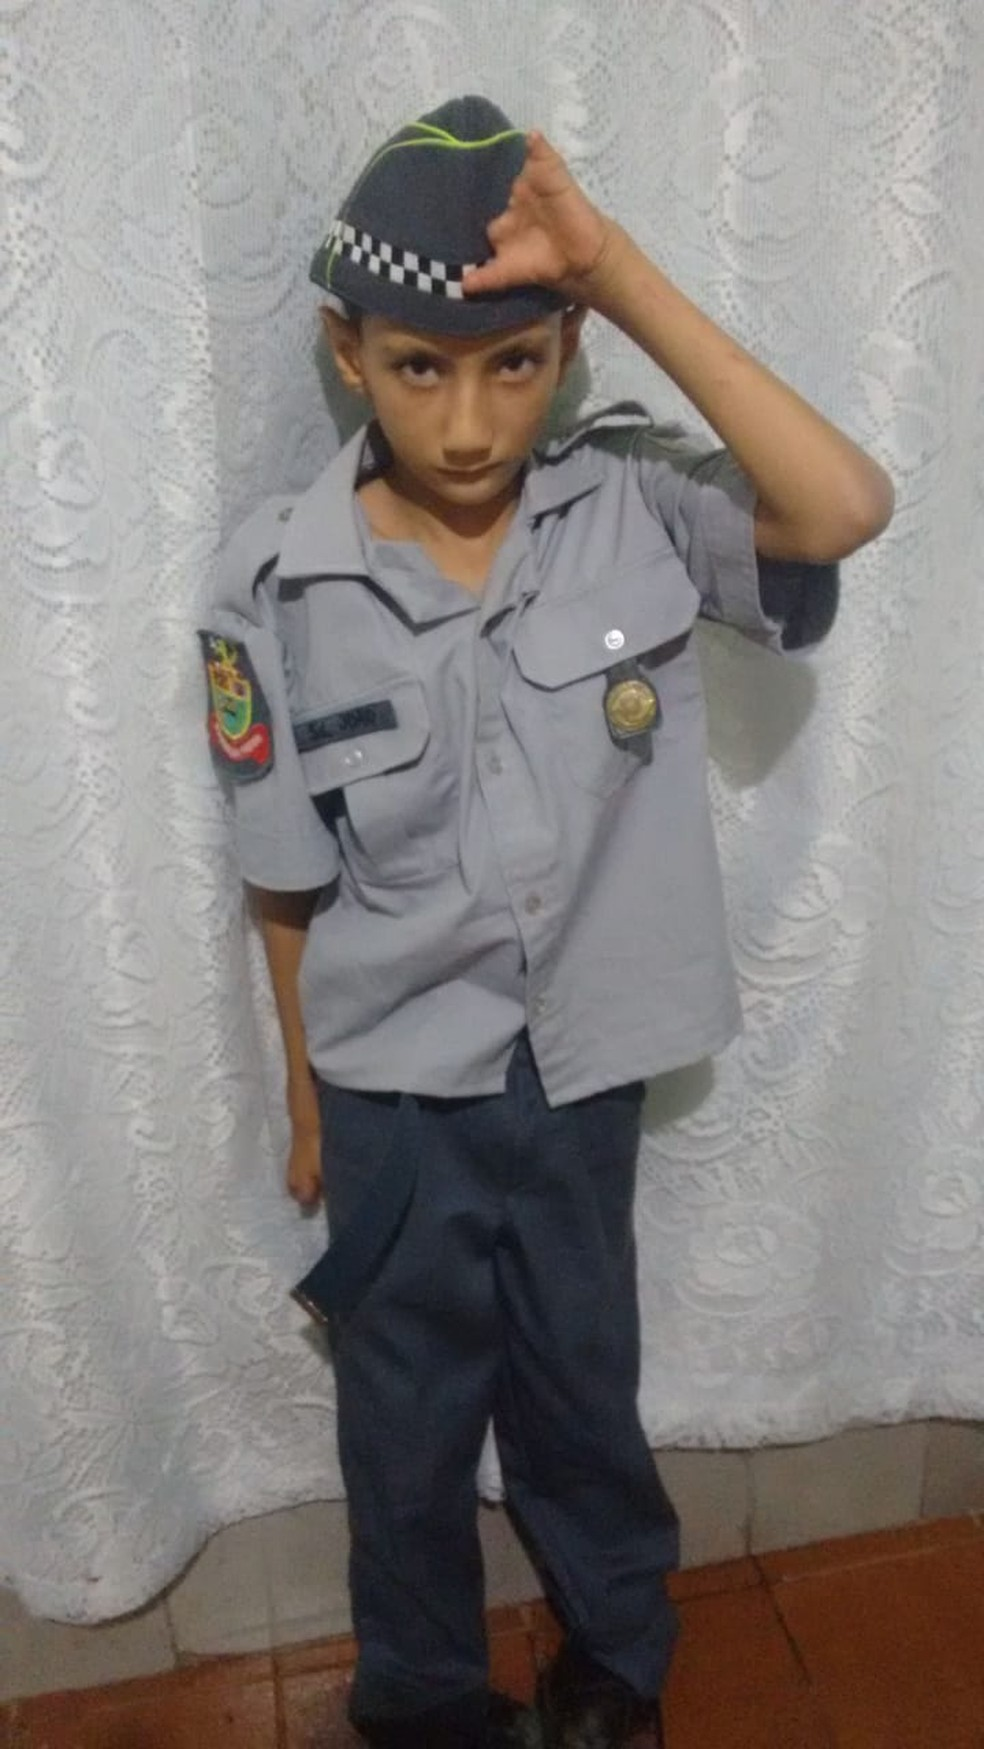 Polícia Militar realiza sonho de menino e o presenteia em festa de aniversário em Borborema  — Foto: Arquivo pessoal